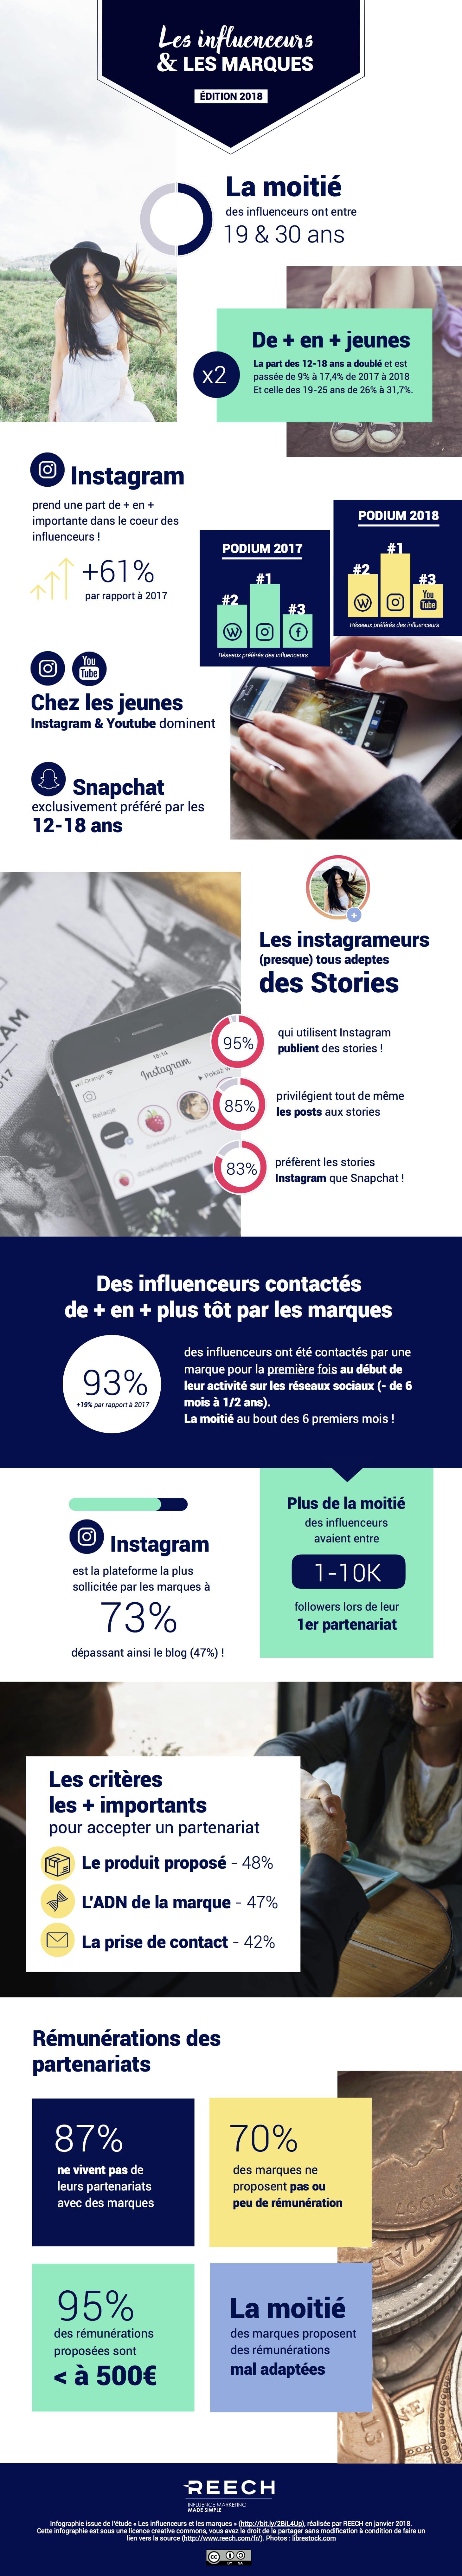 infographie-reech-2018